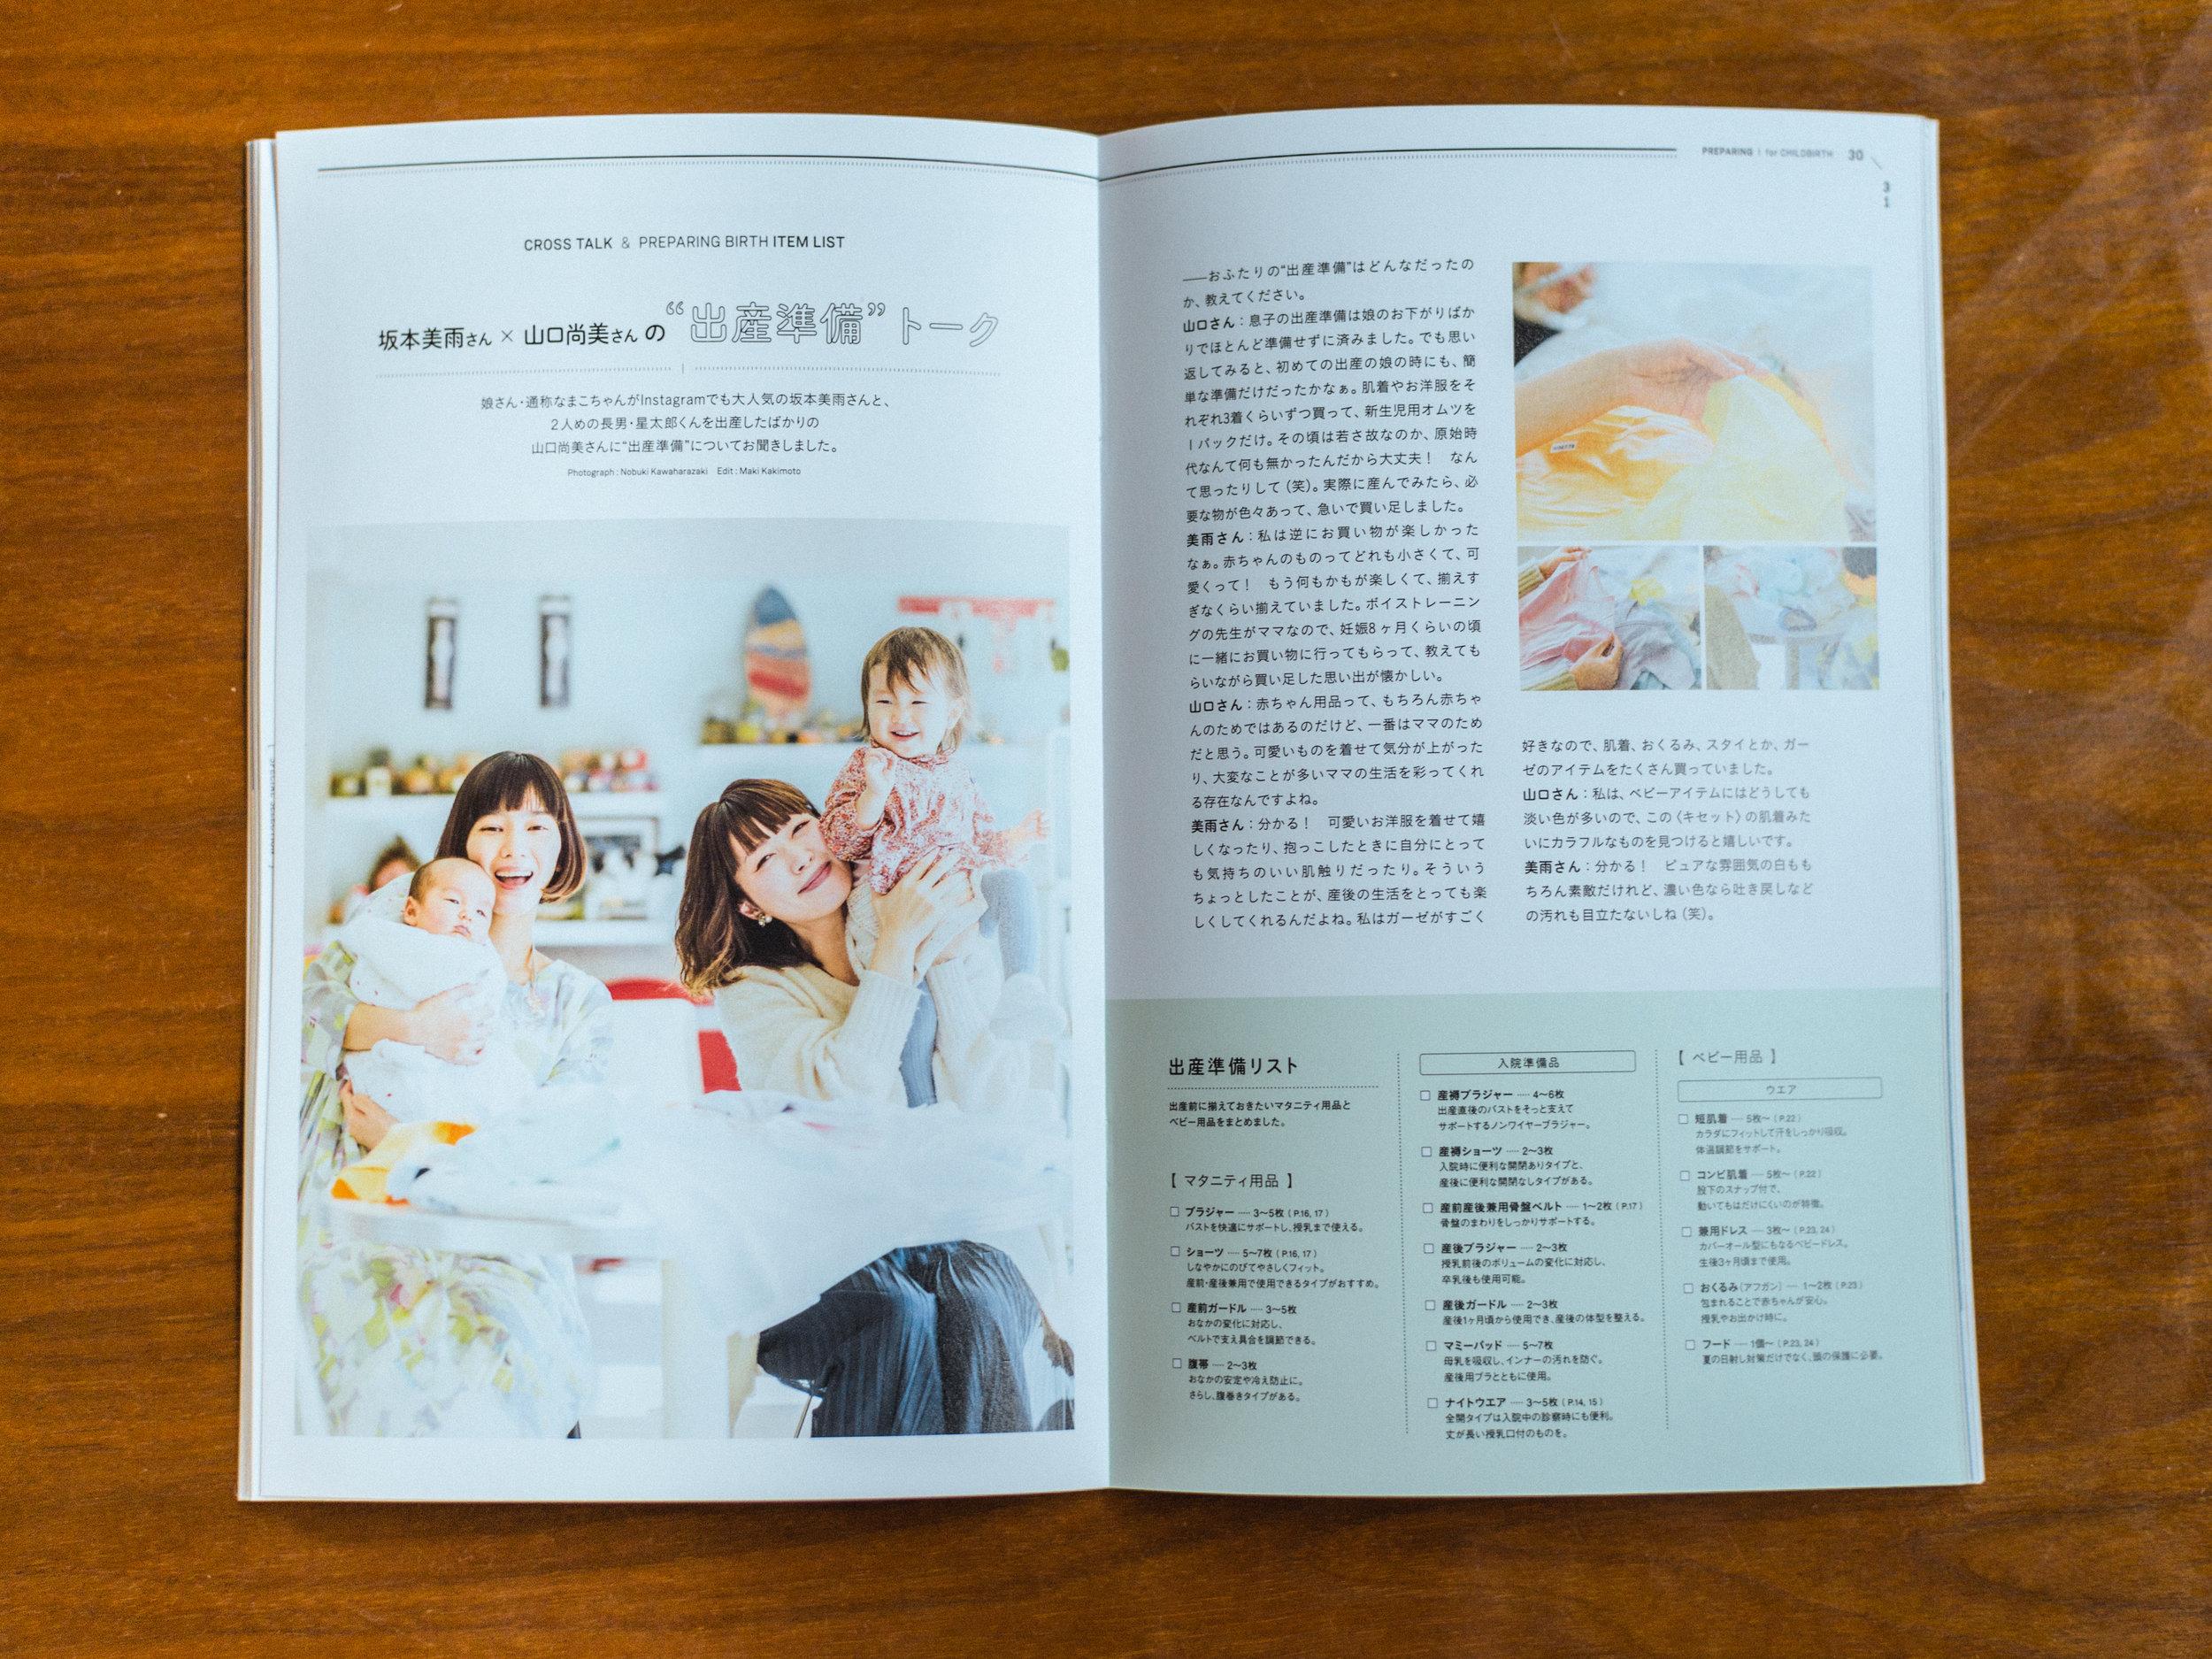 三越伊勢丹2017SS マタニティカタログにて、坂本美雨さん、山口尚美さんの対談ページの撮影担当させて頂きました。   http://www.isetanspecial.com/book/hellobabySS2017/